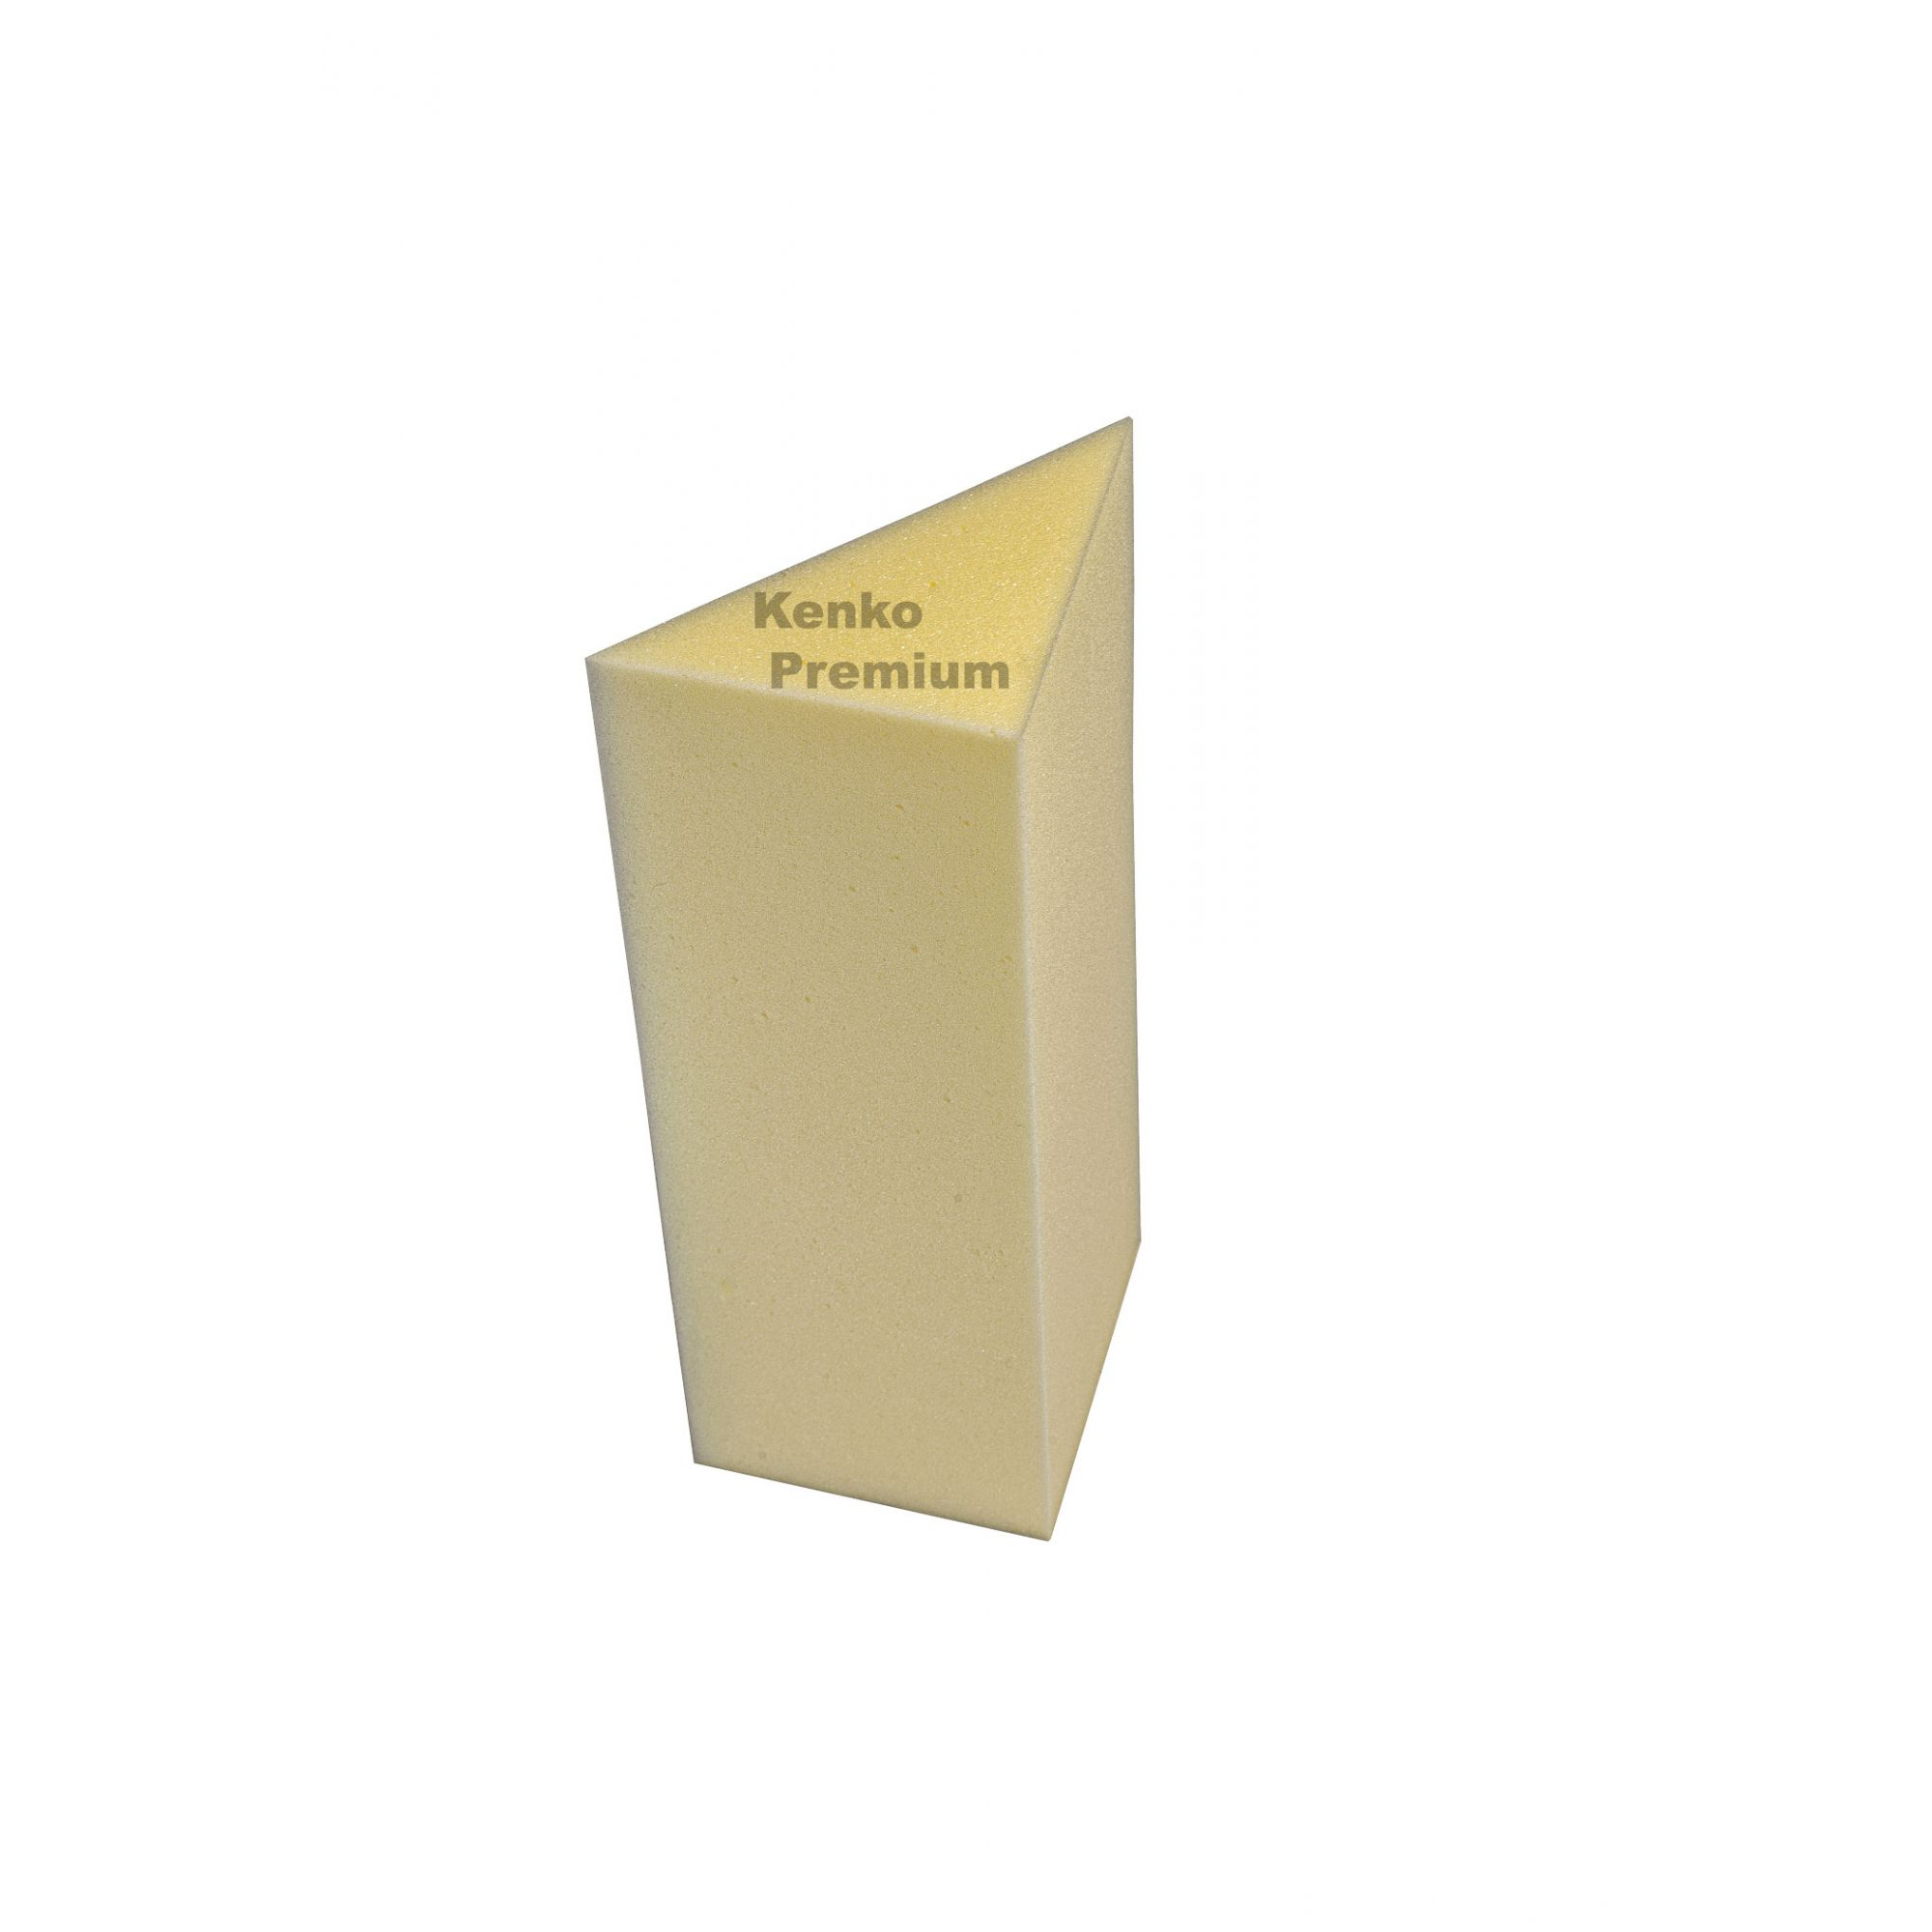 Kit Espuma 02 Unidades Acústica Bass Trapp Armadilha de Graves Absorvedor 15cm x 15cm 50cm D26 Kenko Premium  - Kenko Premium Colchões